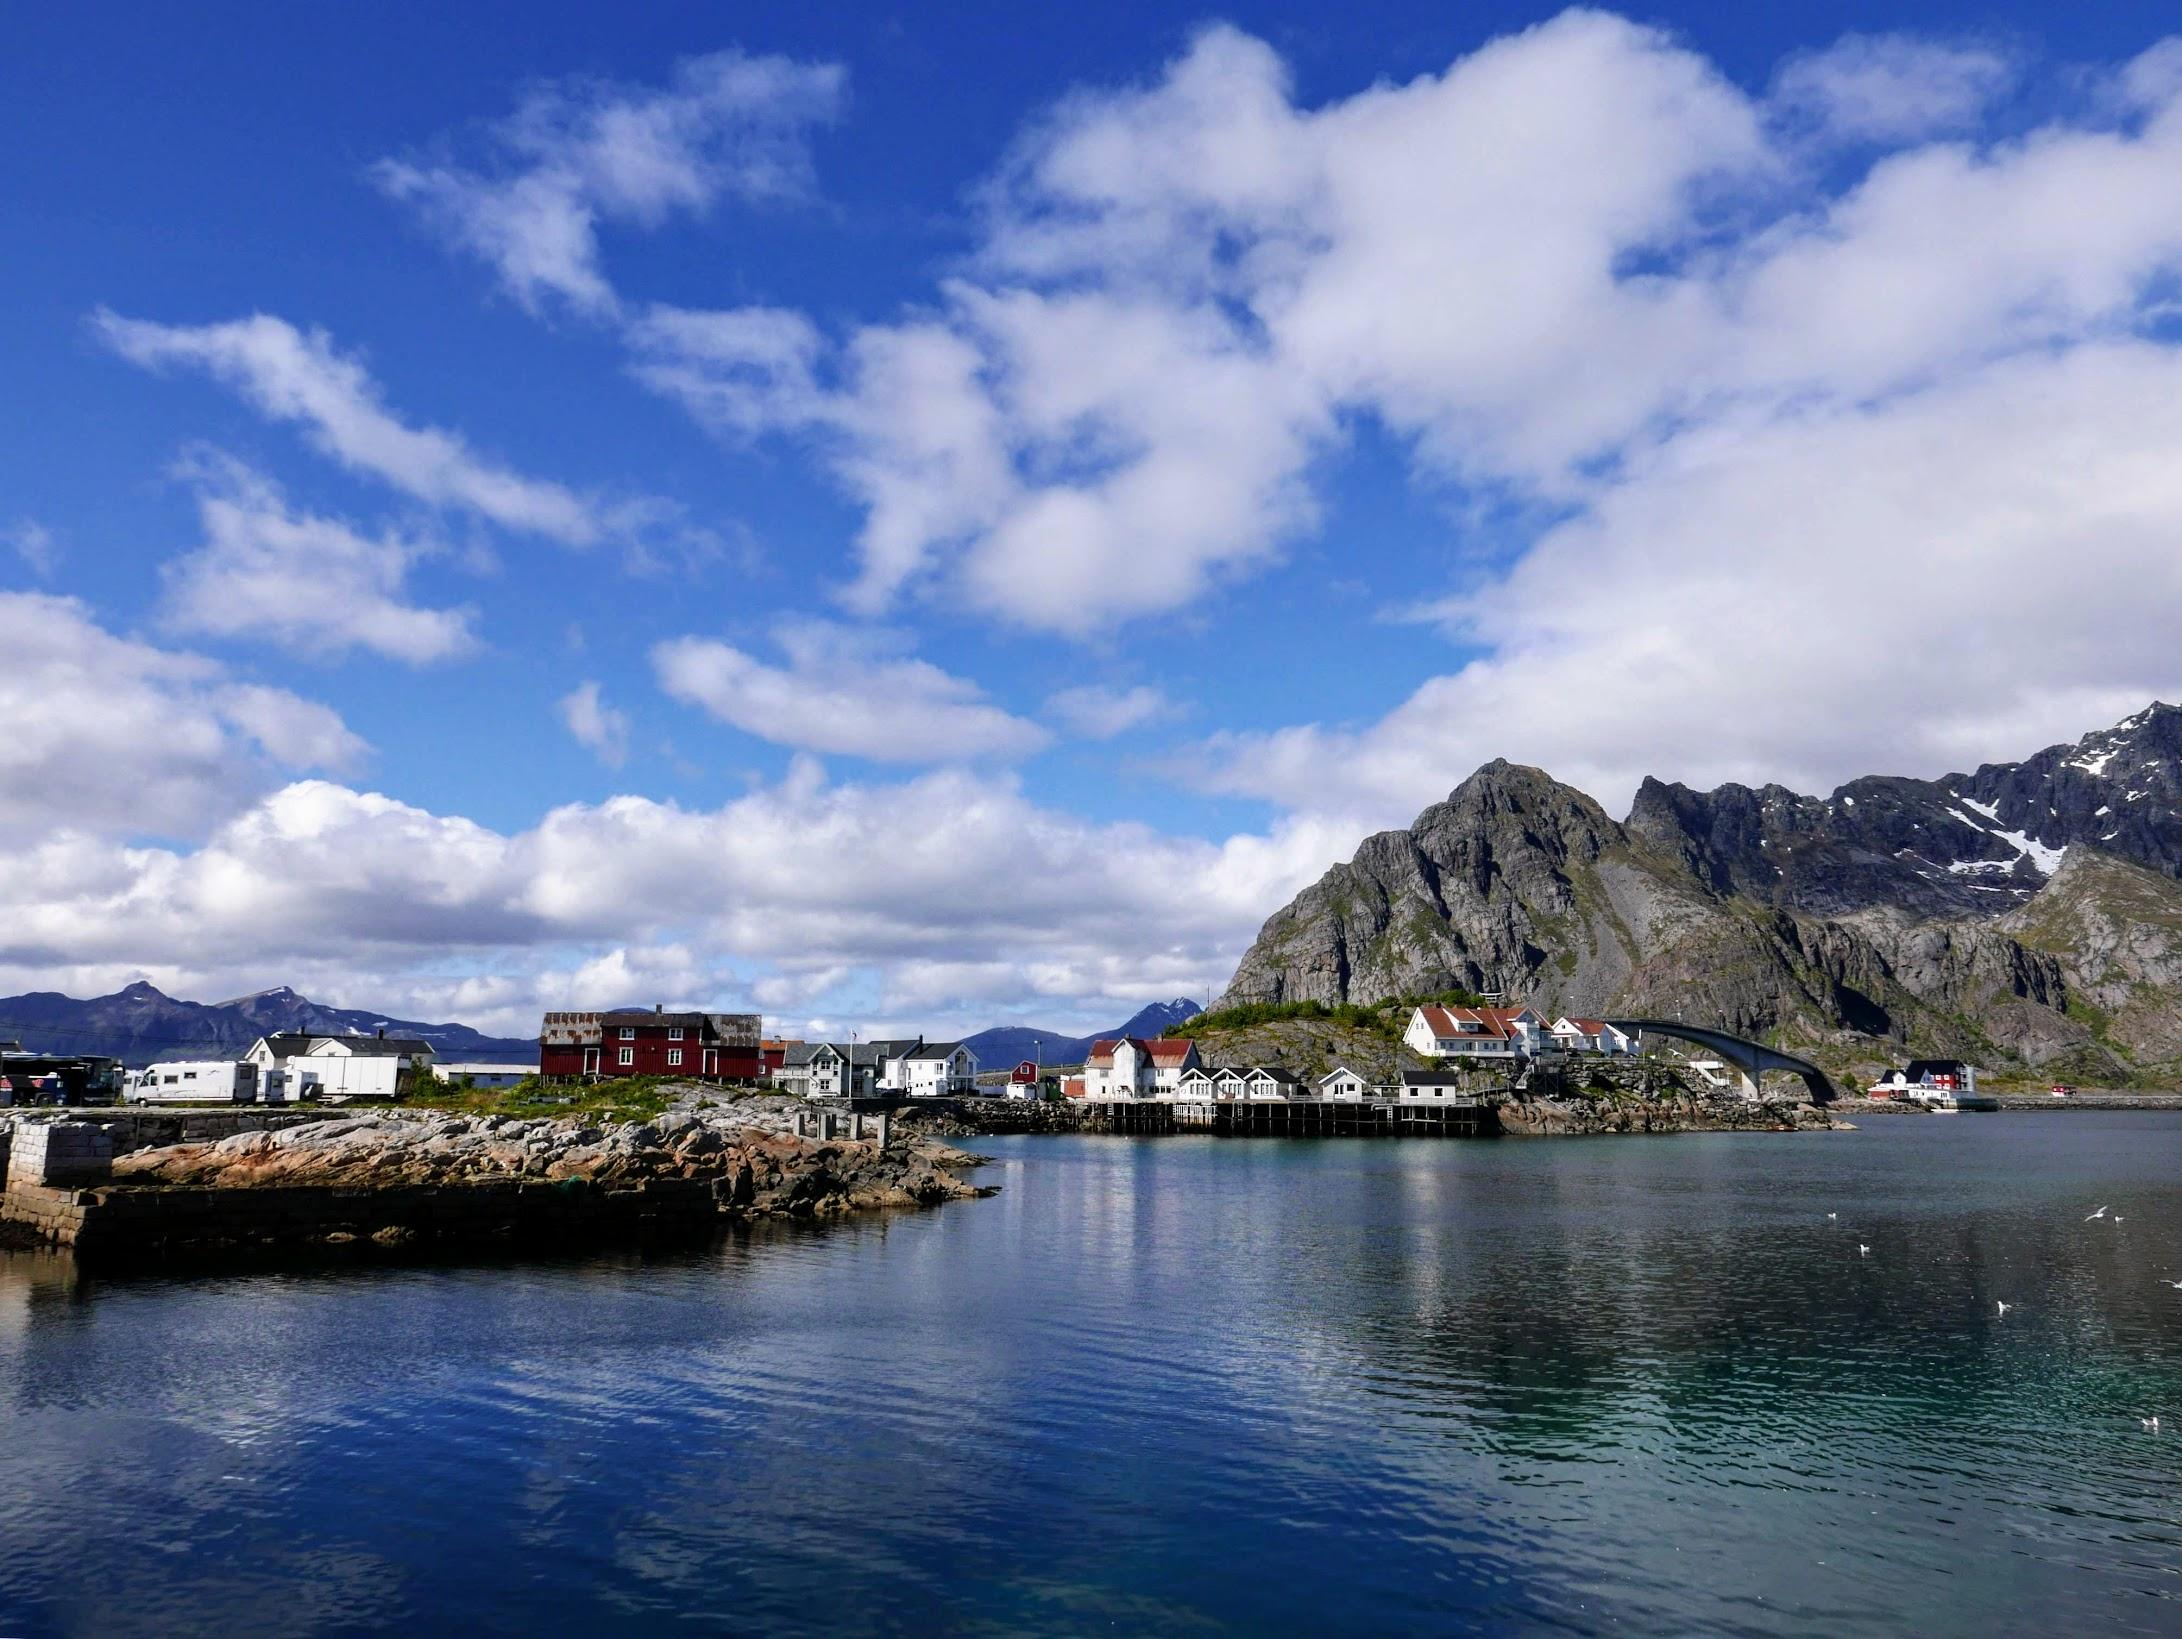 丹尼私遊記: 第三章 ﹣ Lofoten Islands 羅弗敦群島